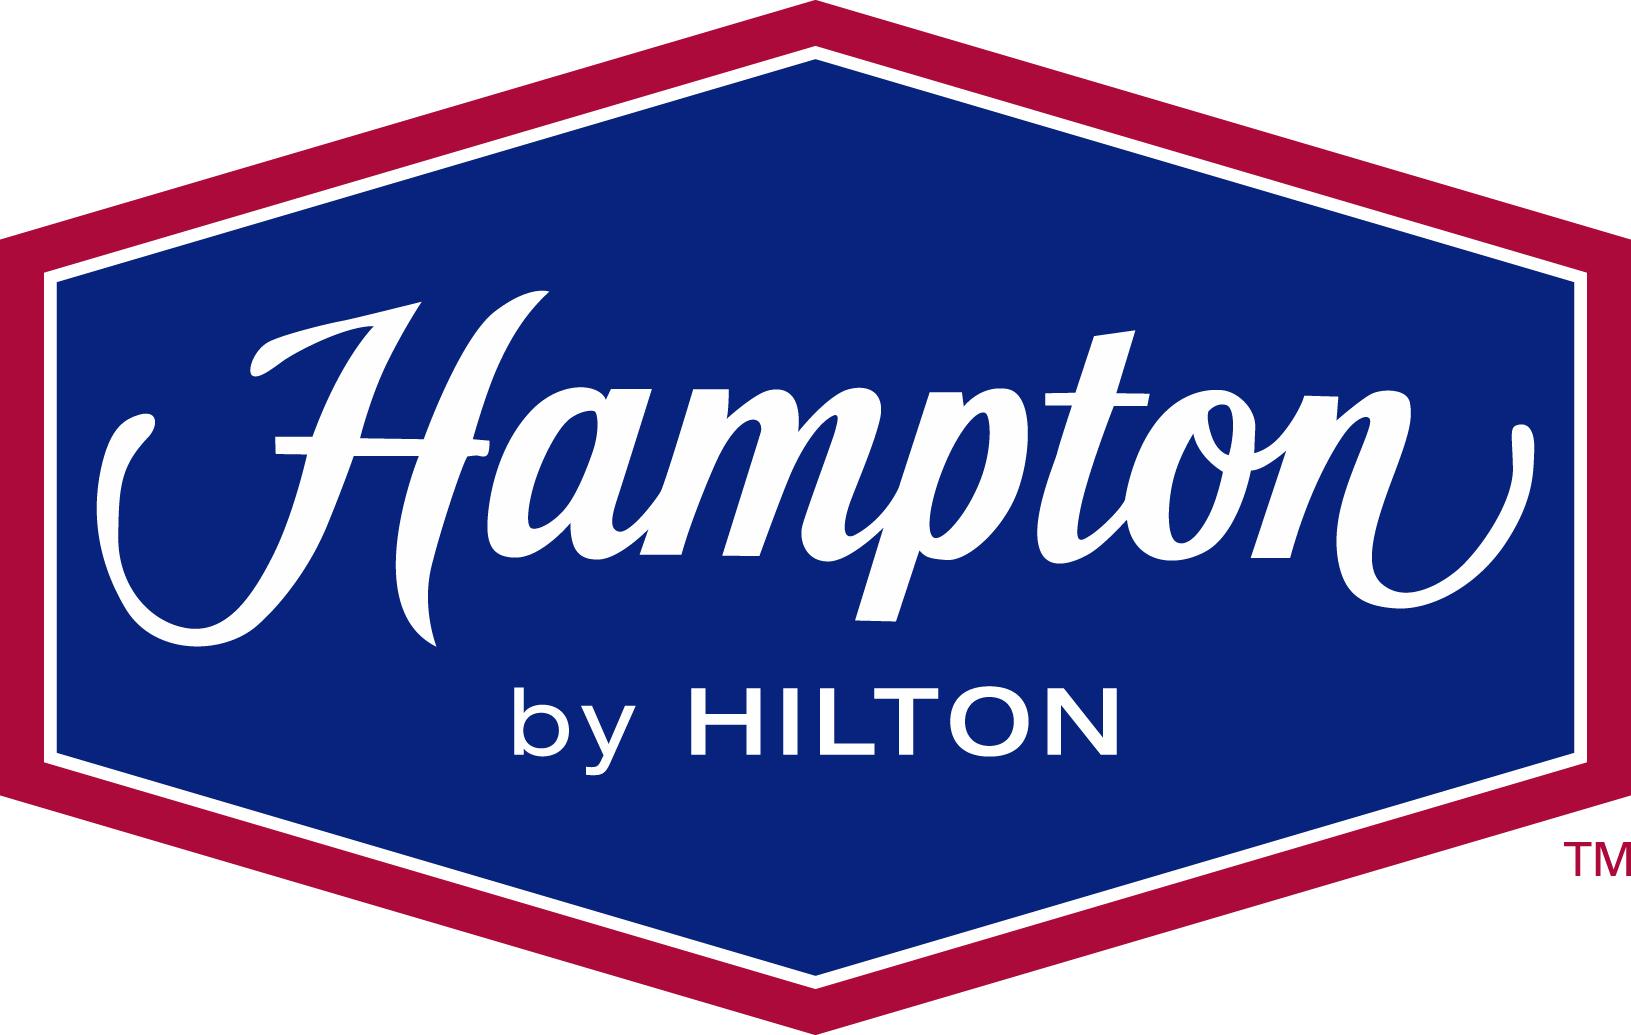 Hampton inn Logos.